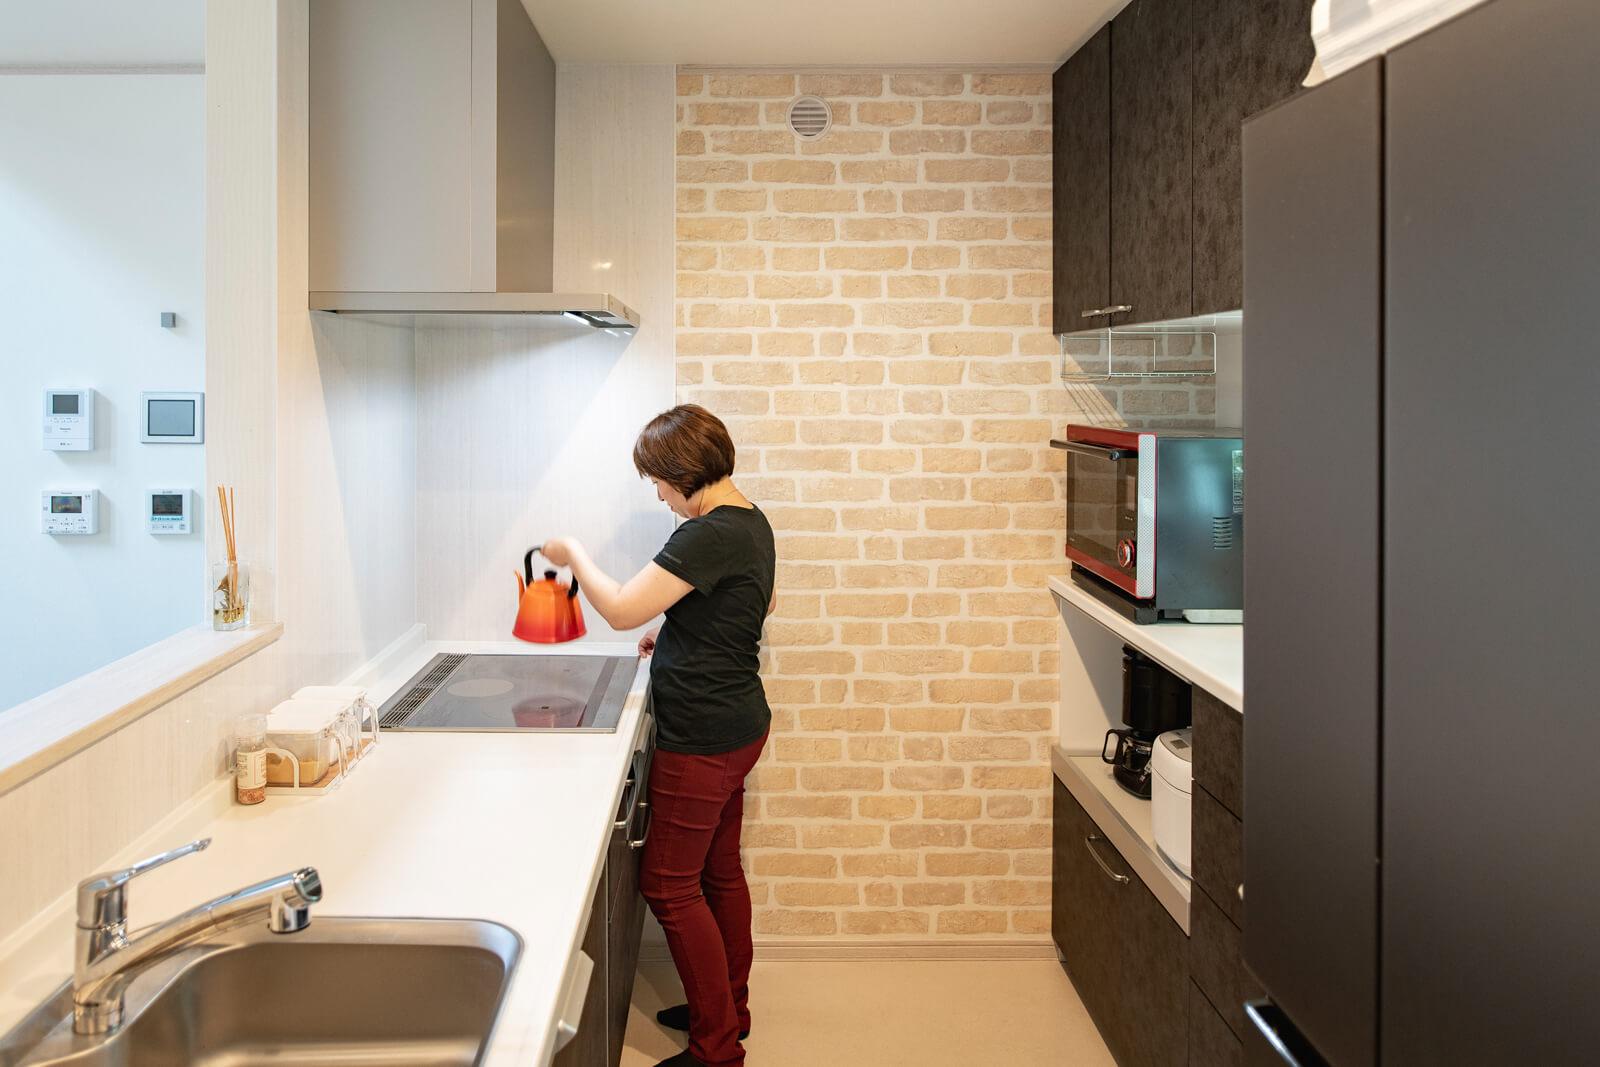 Kさん宅のキッチンは壁面収納もたっぷり設けて、さらに使いやすい